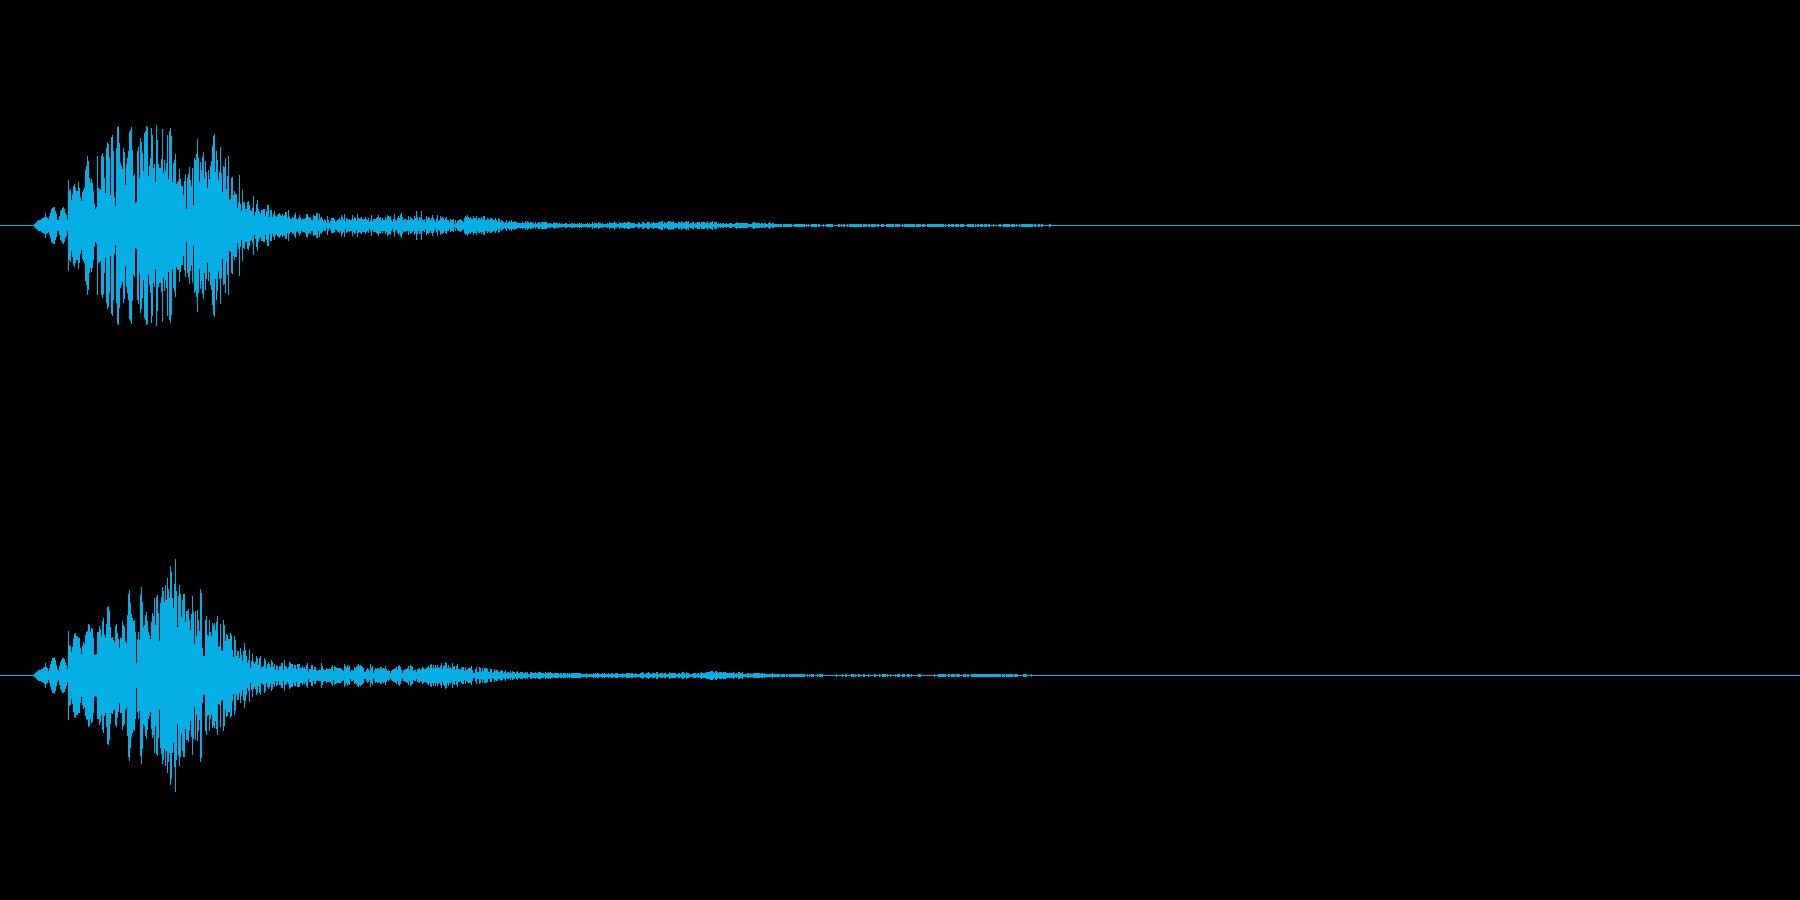 【ショートブリッジ03-3】の再生済みの波形